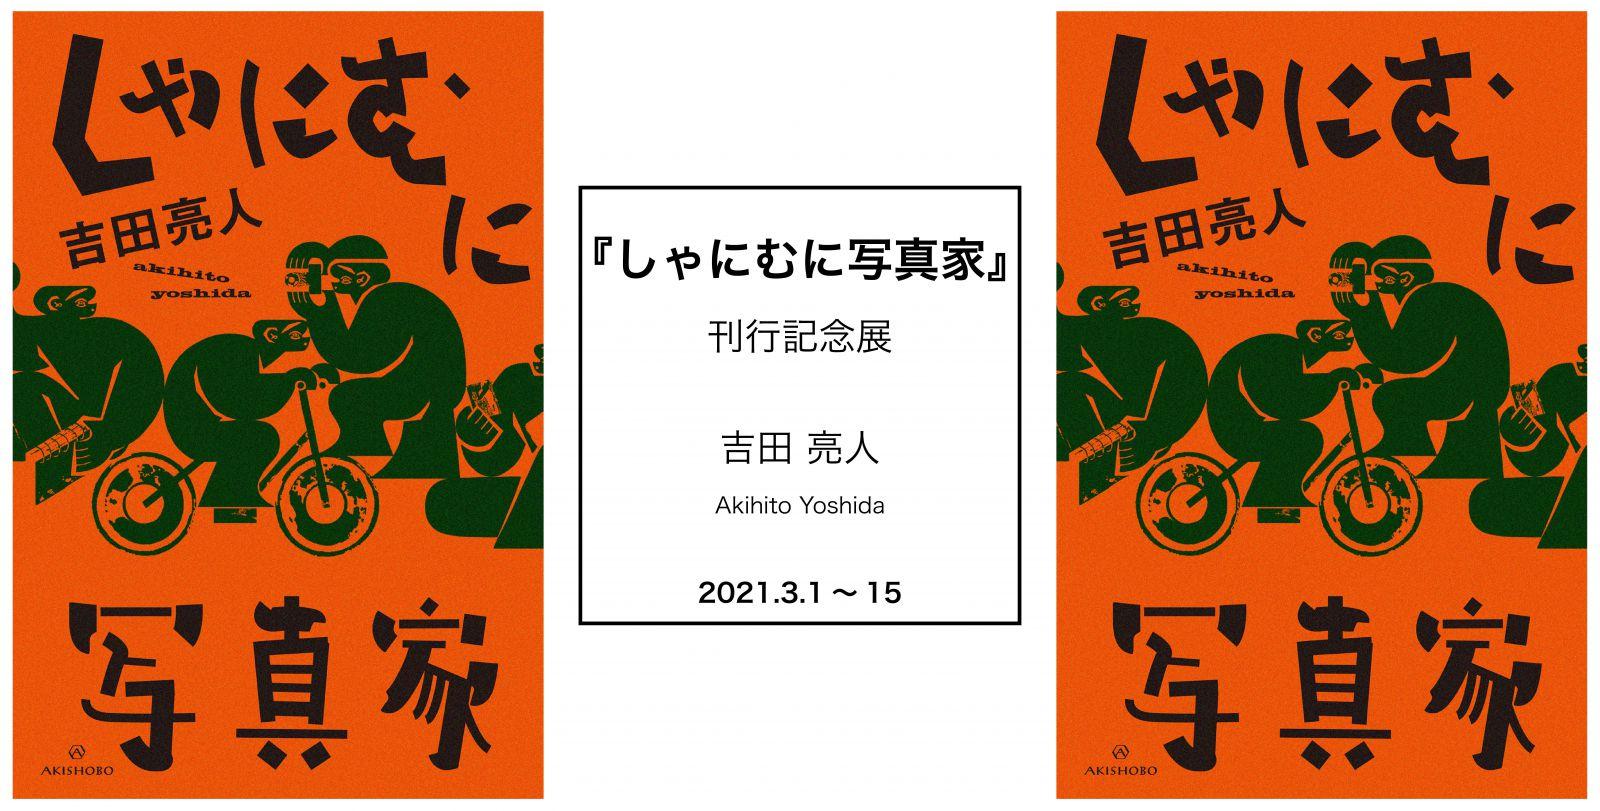 吉田亮人「しゃにむに写真家」刊行記念展